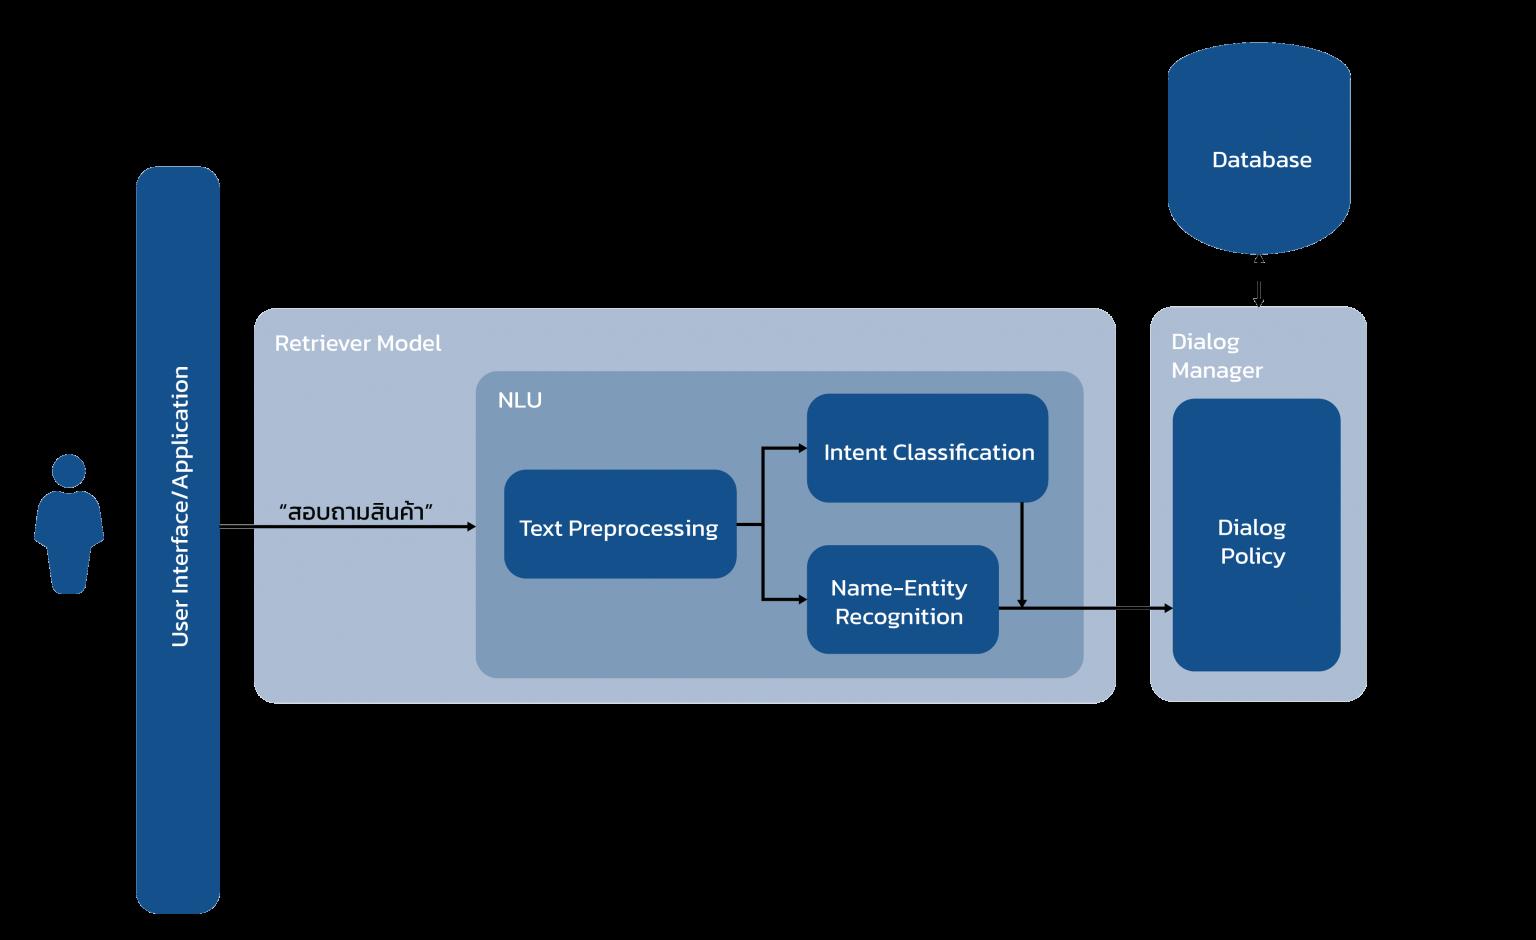 แผนภาพของแชตบอทที่ประกอบด้วย Retriever Model และ Dialog Manager